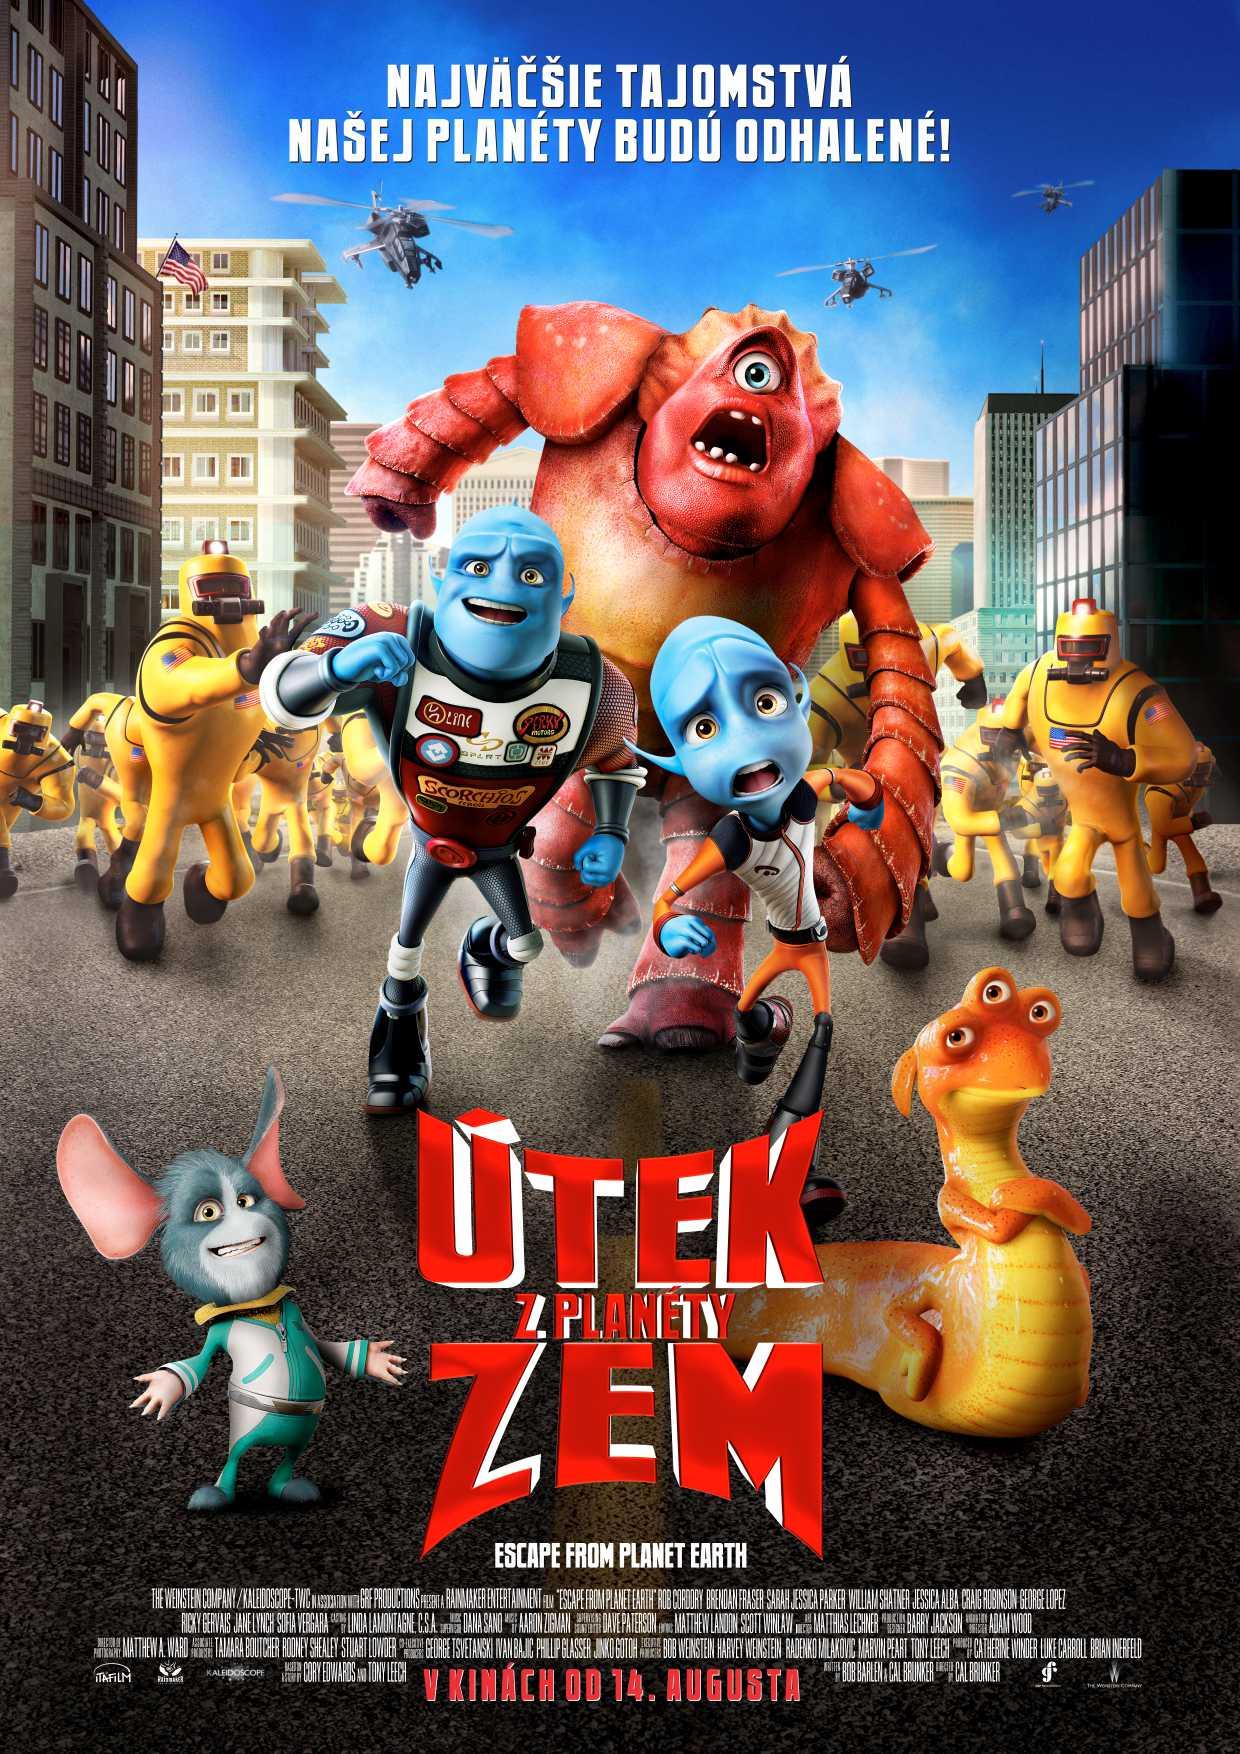 utek-z-planety-zem_poster